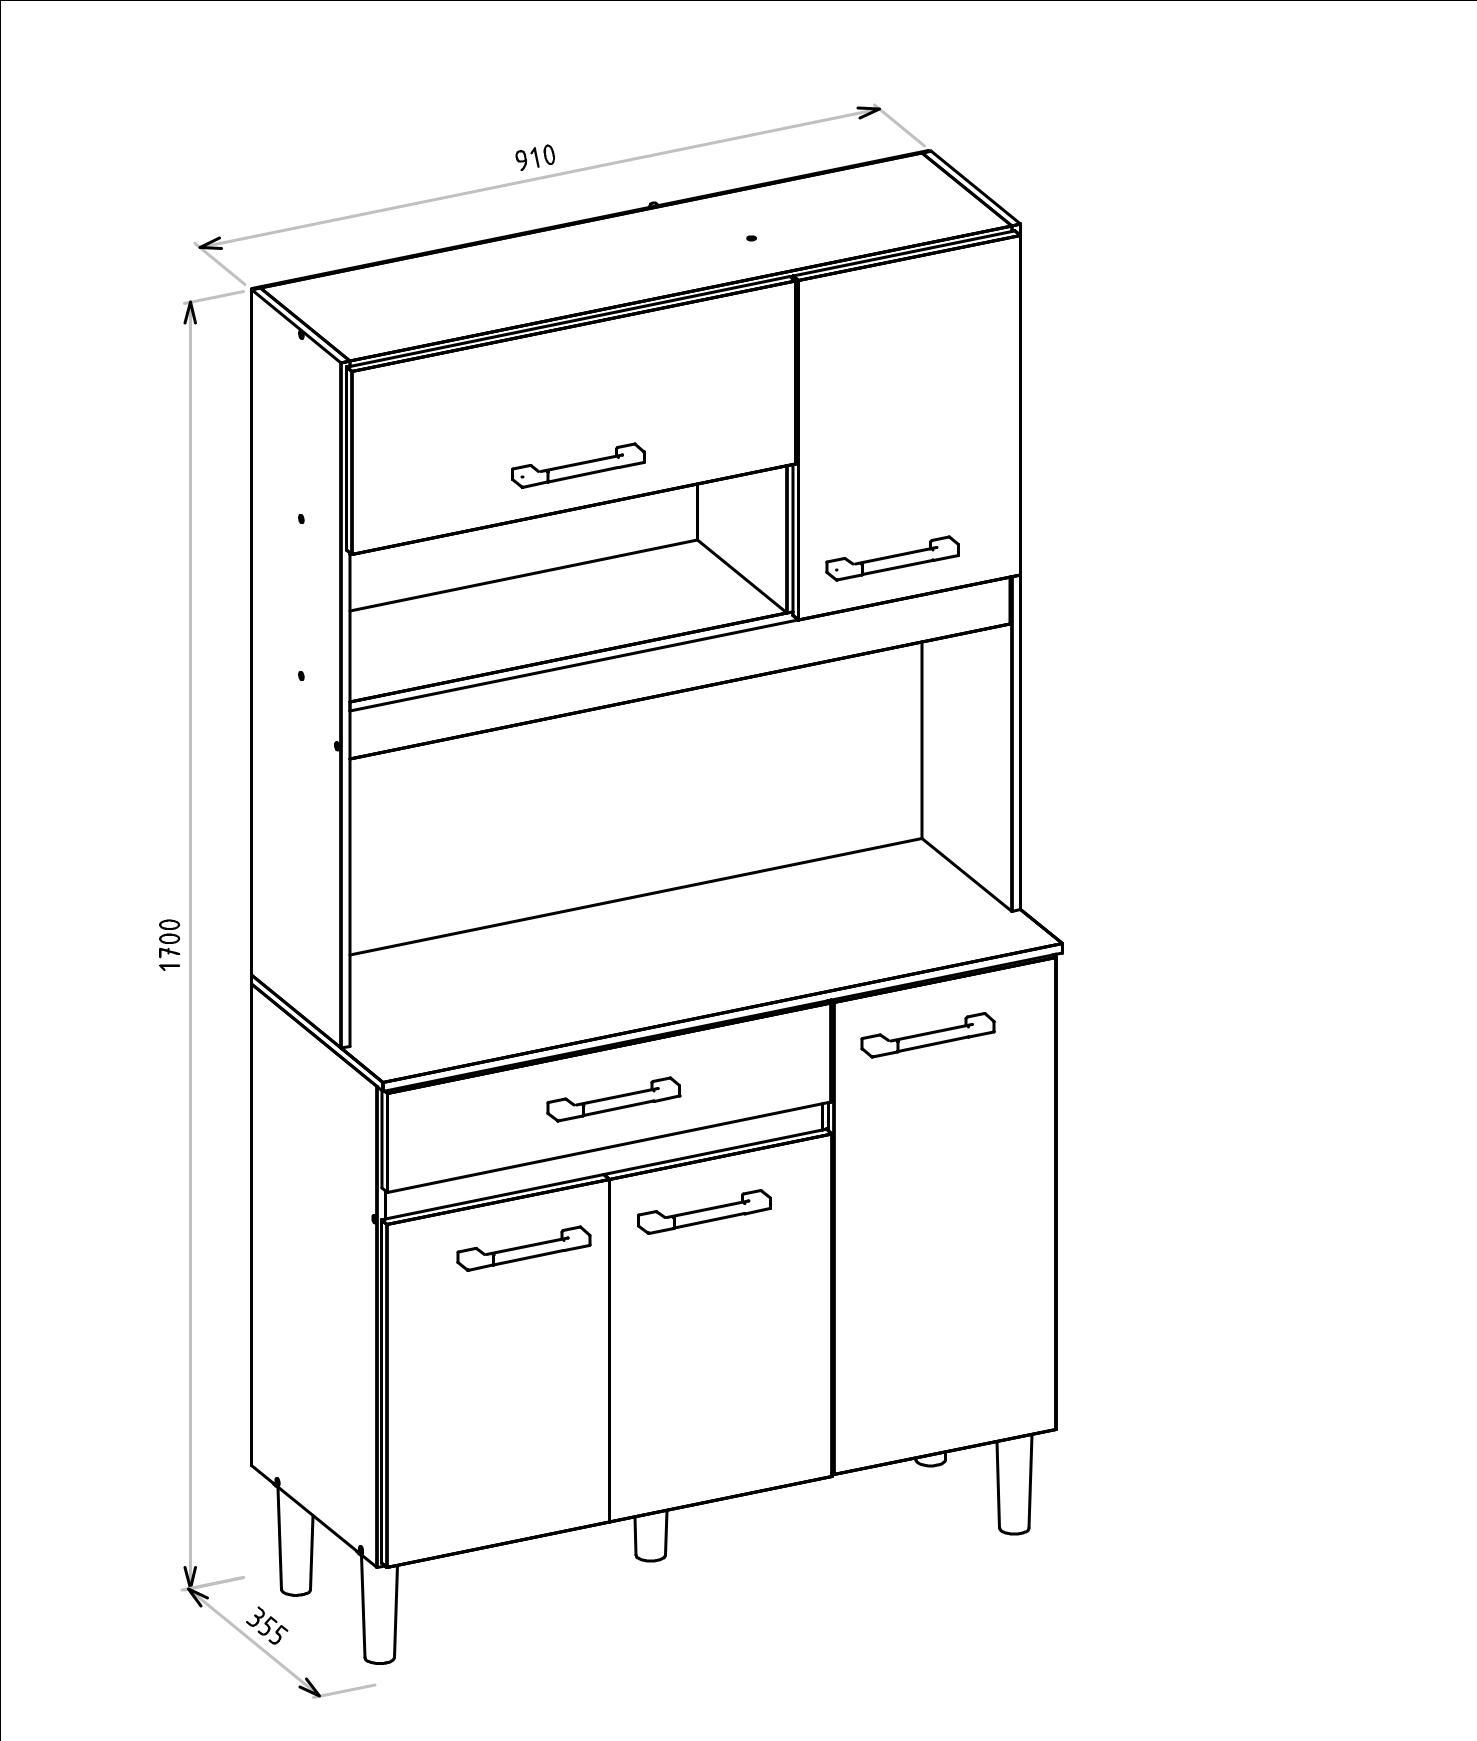 Cozinha Compacta 5 Portas Kit Magazin 90 Branco/Preto - Nicioli